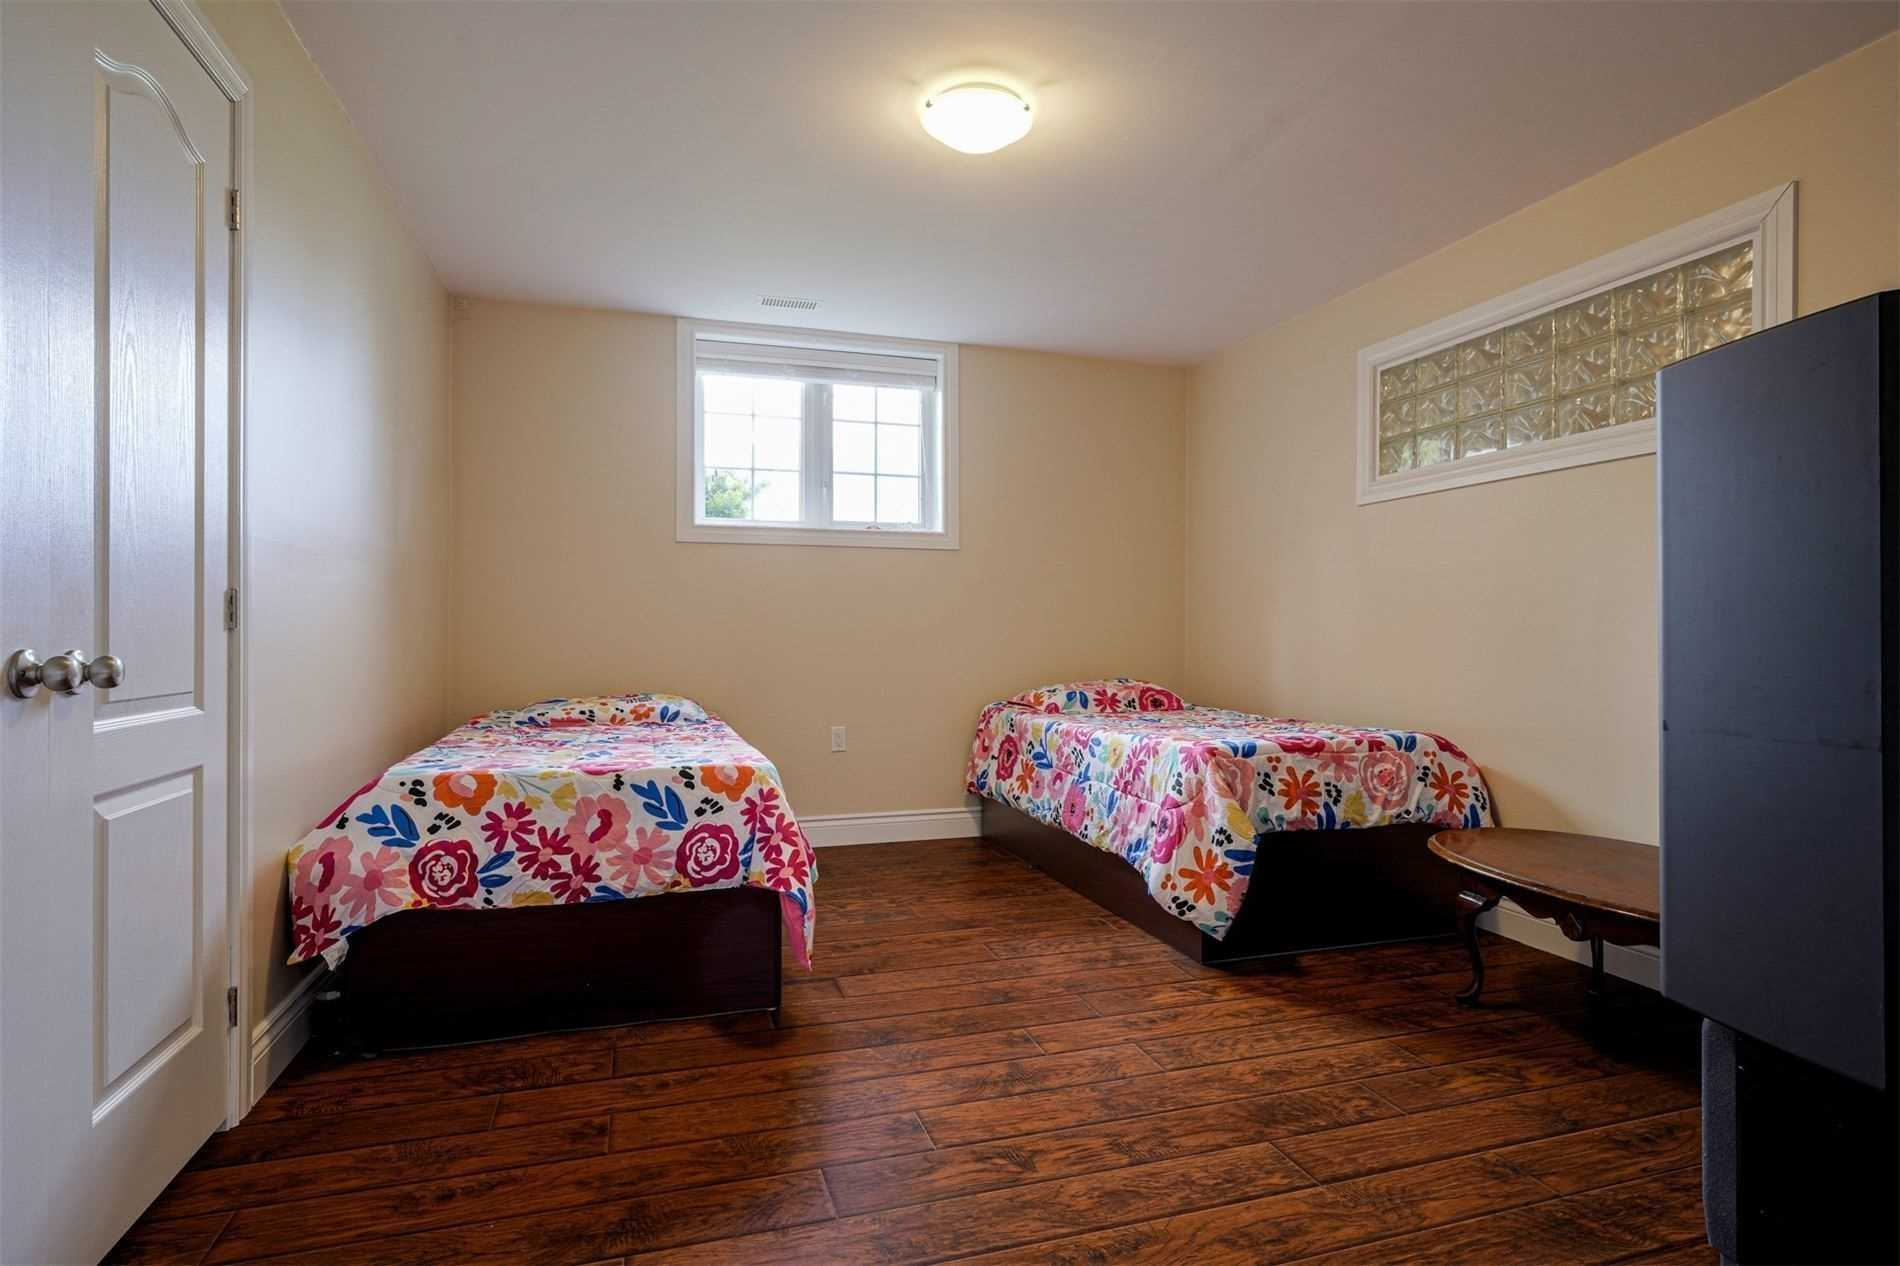 315 Highway 47 Rd - Rural Uxbridge Detached for sale, 3 Bedrooms (N5306115) - #34